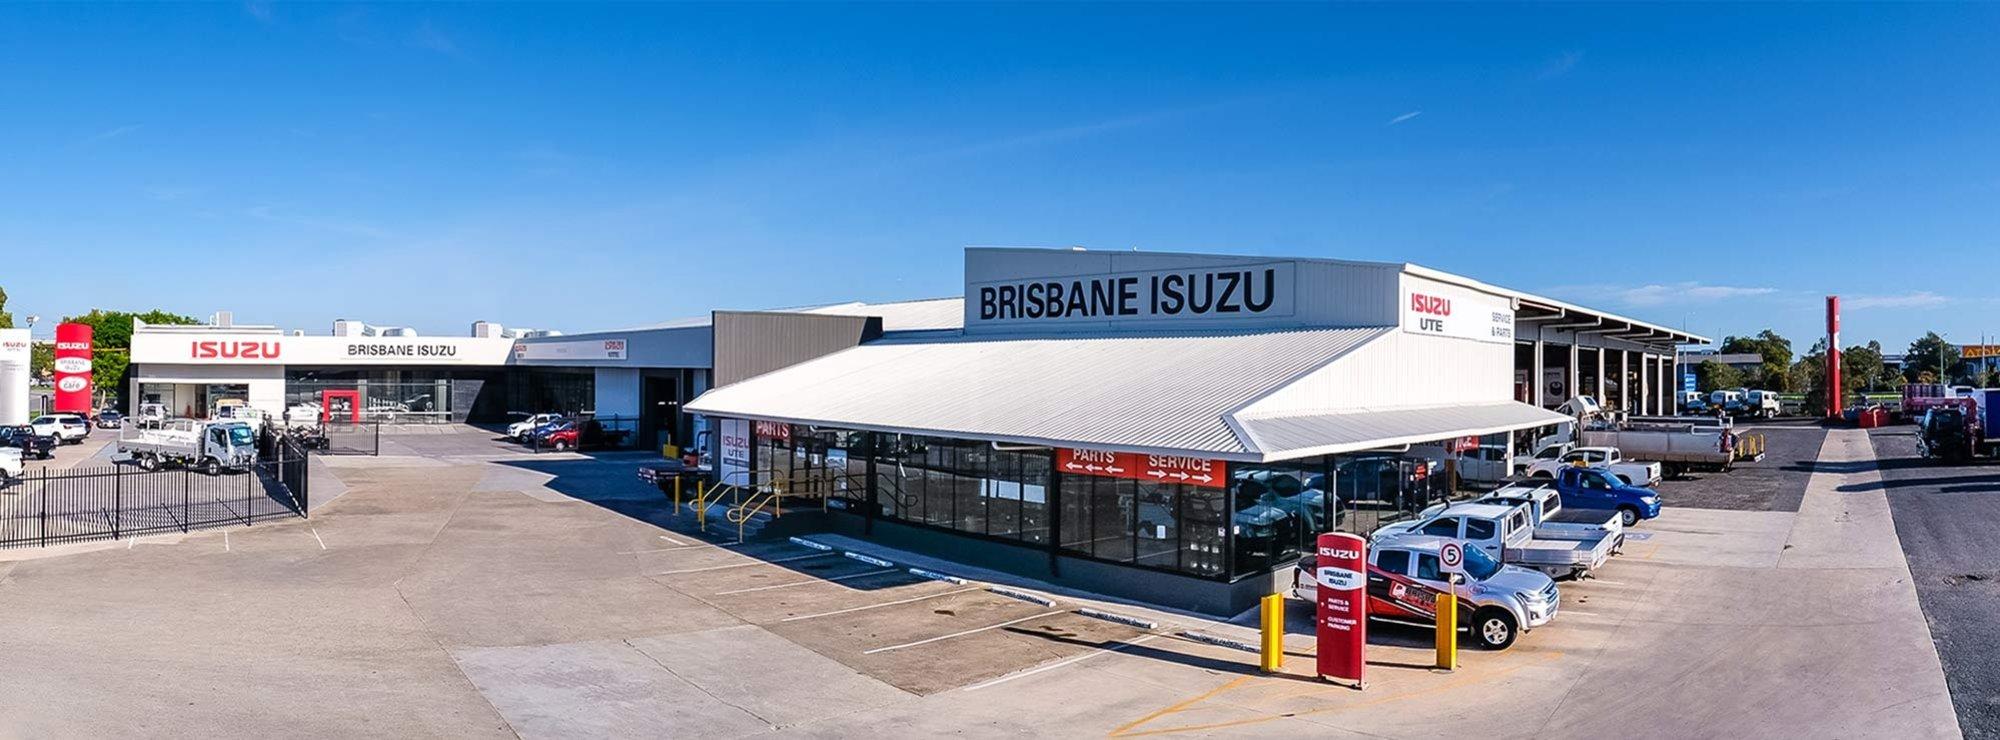 Brisbane Isuzu Ute Homepage1